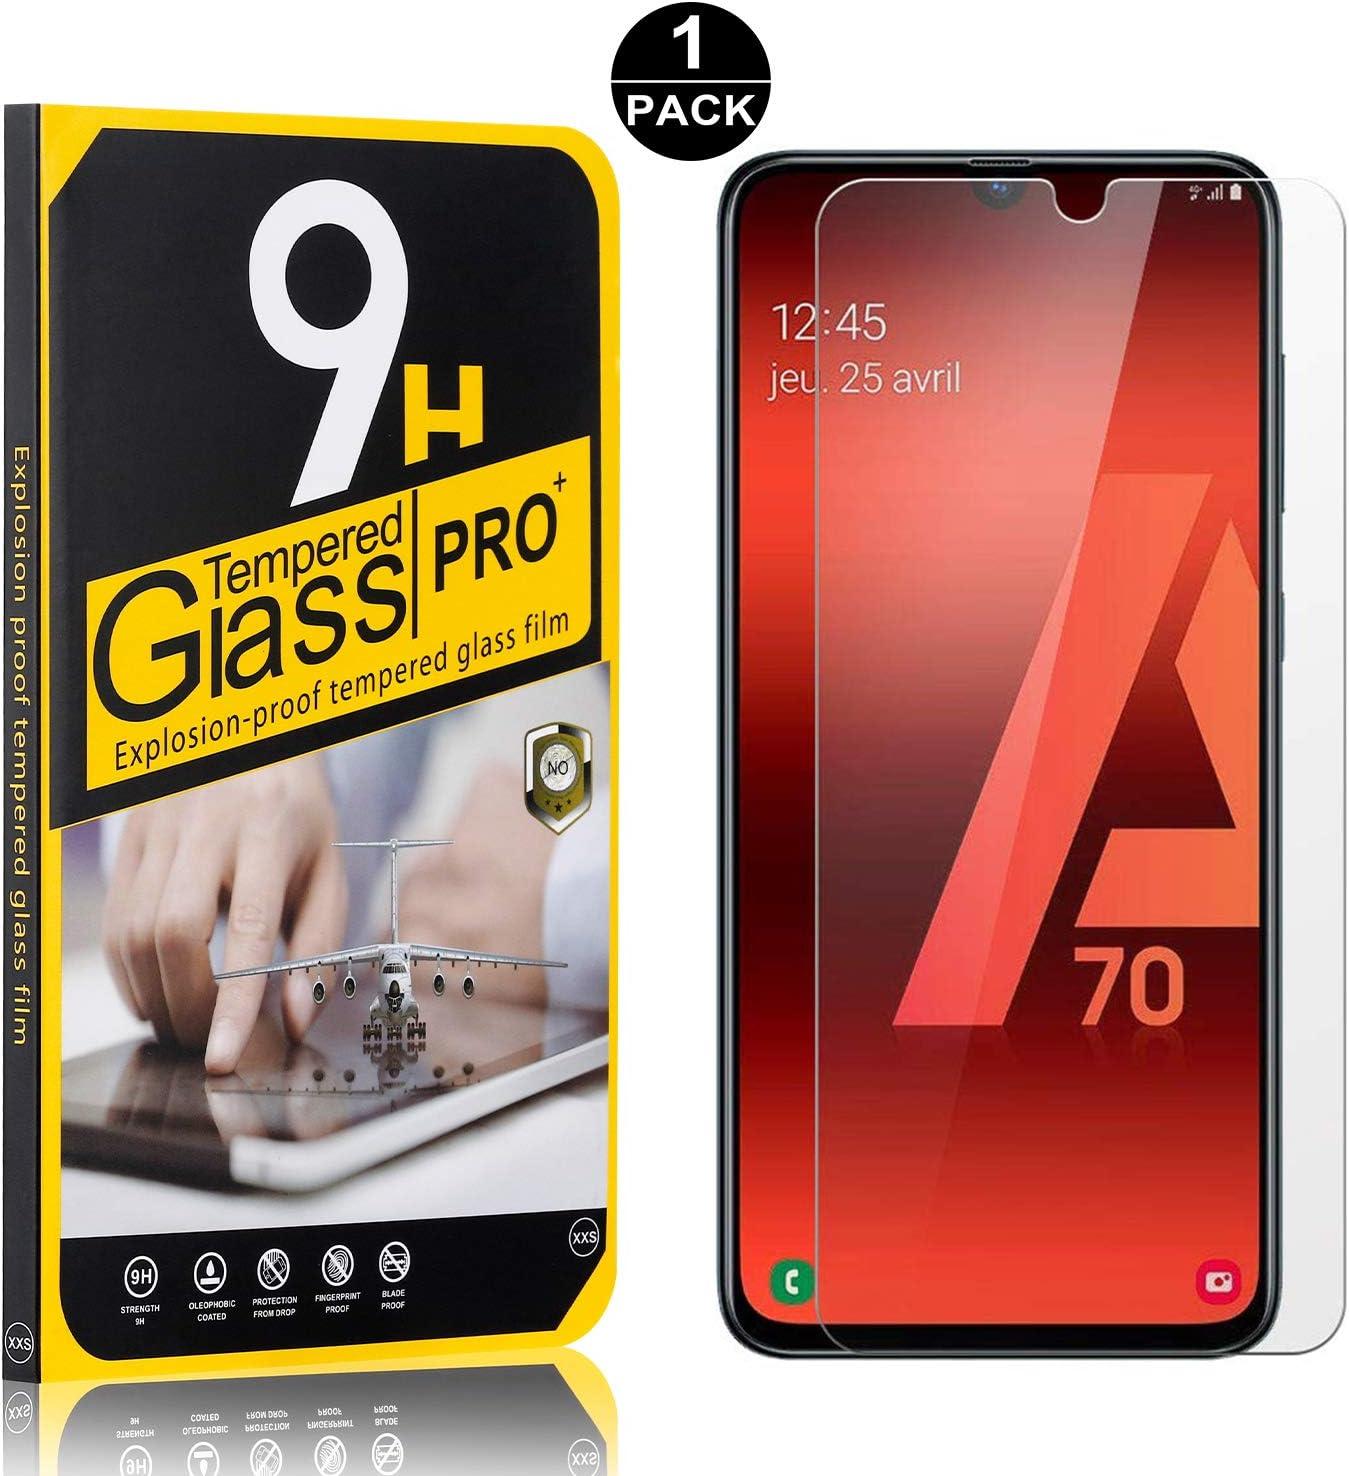 SONWO Galaxy A70 Protector Pantalla, Dureza 9H Alta Definicion Anti-rasguños, Protector de Pantalla Vidrio Templado Premium Para Samsung Galaxy A70, 1 Piezas: Amazon.es: Bebé